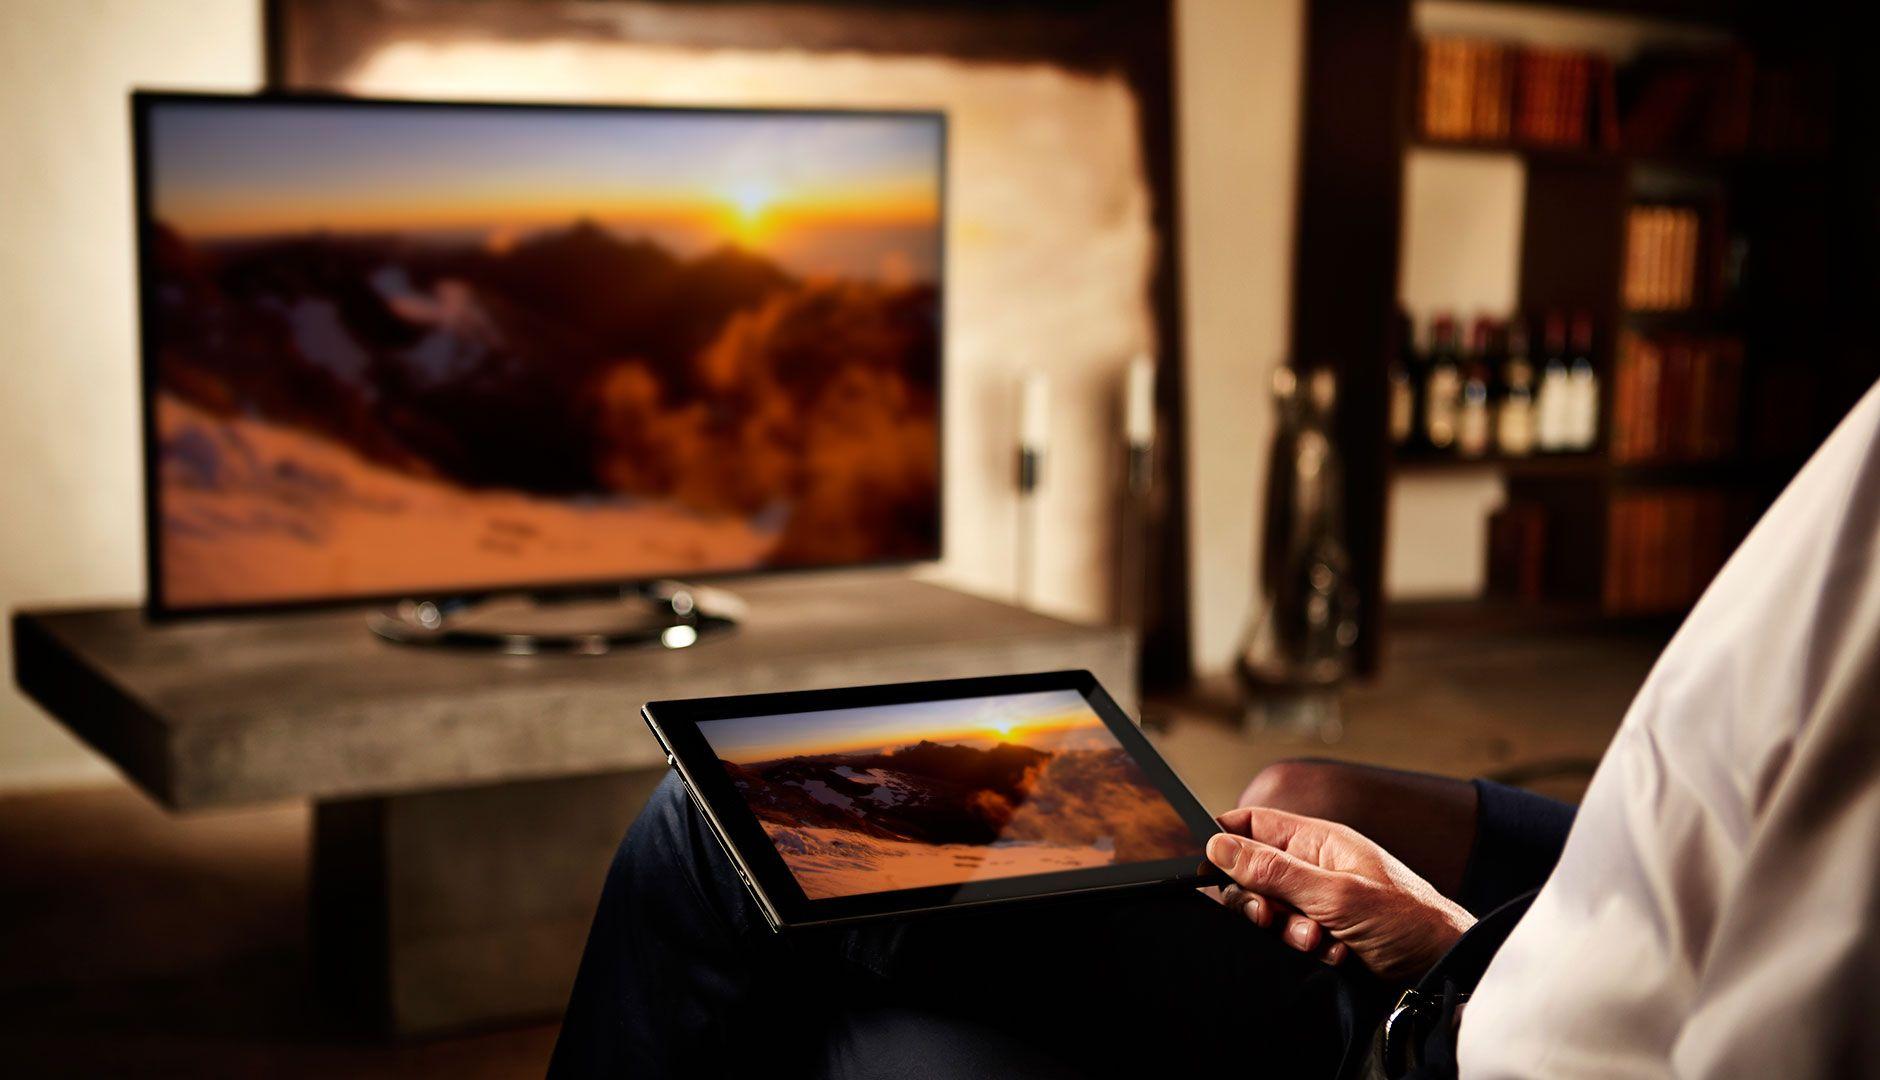 """Skjermen kan """"speiles"""" på en TV. Bildet blir heldigvis ikke speilvendt."""